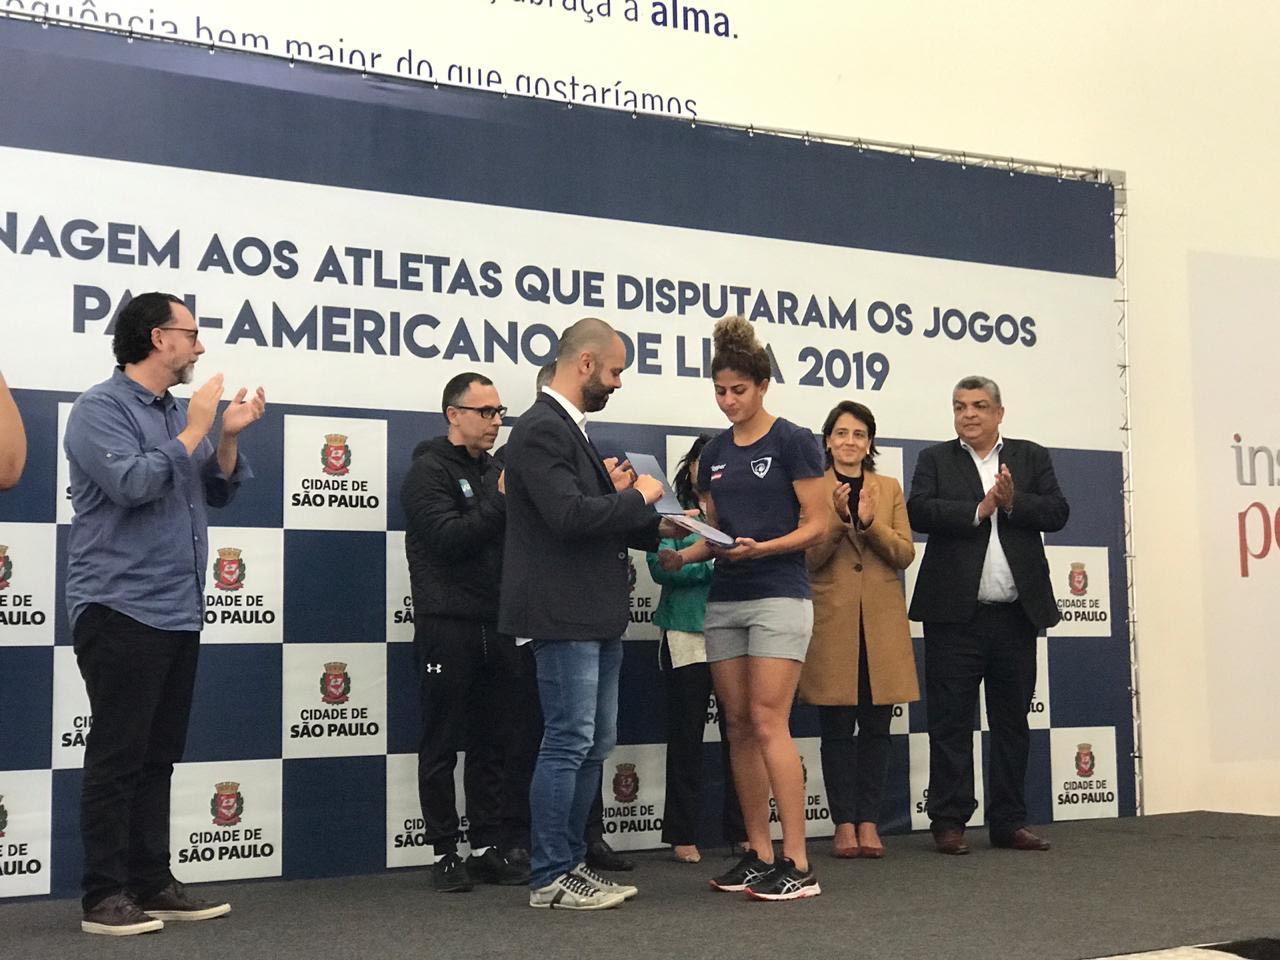 Atletas brasileiros que competiram no pan-americano são homenageados